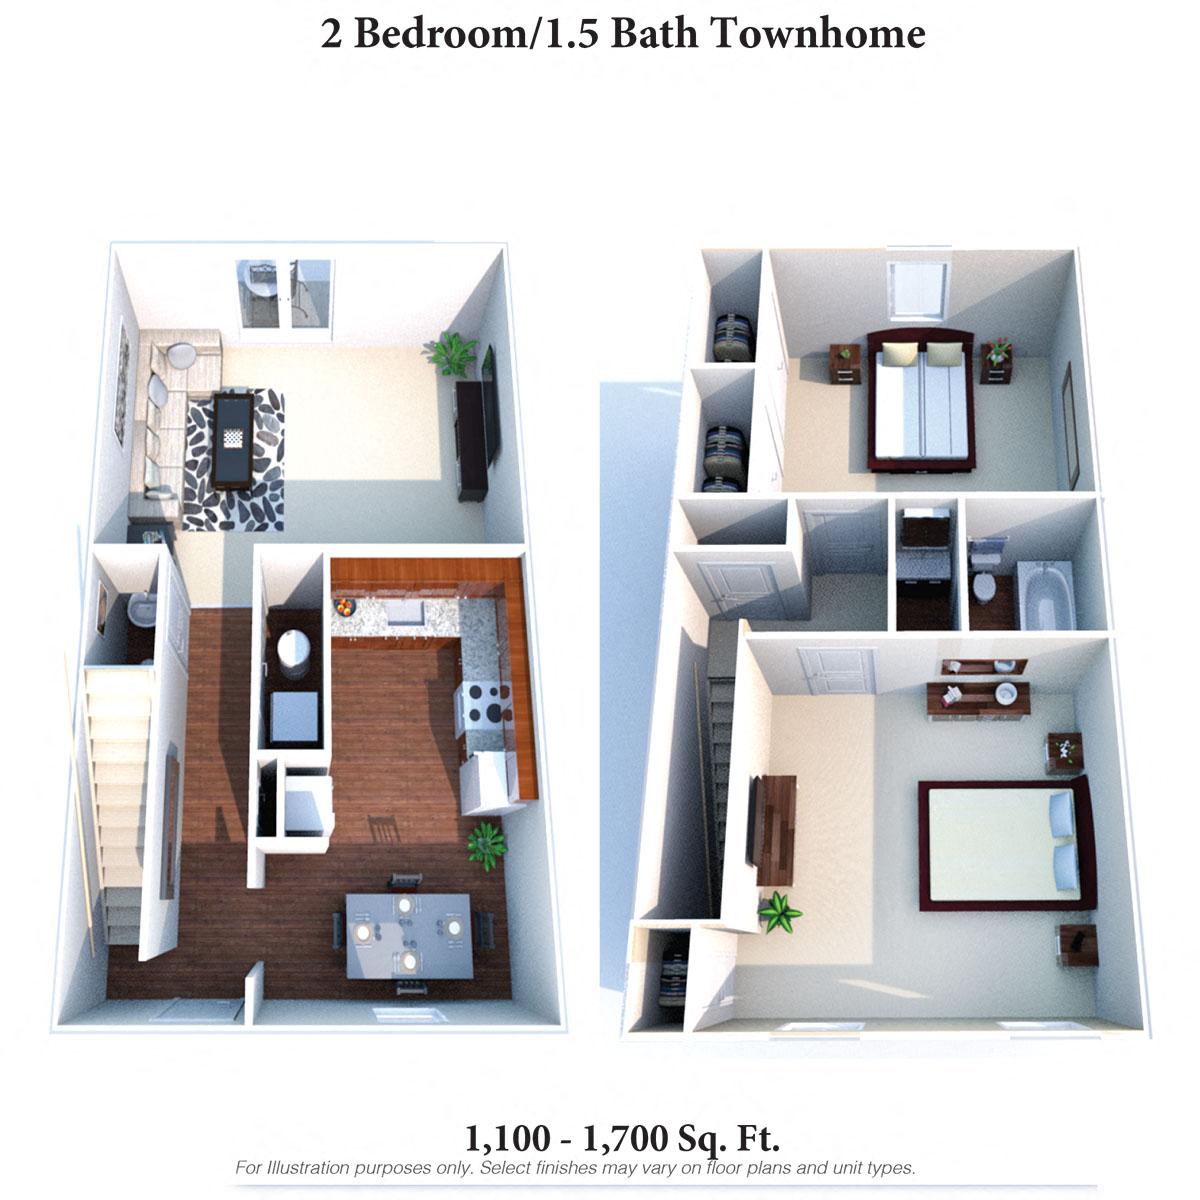 2 Bedroom 1.5 Bath Townhome Floor Plan 1